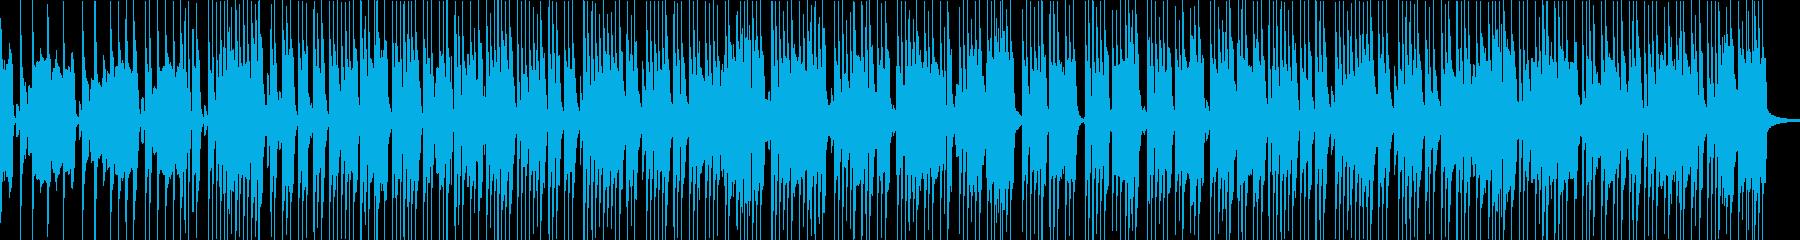 ベースとドラムのみのシンプルなロックの再生済みの波形